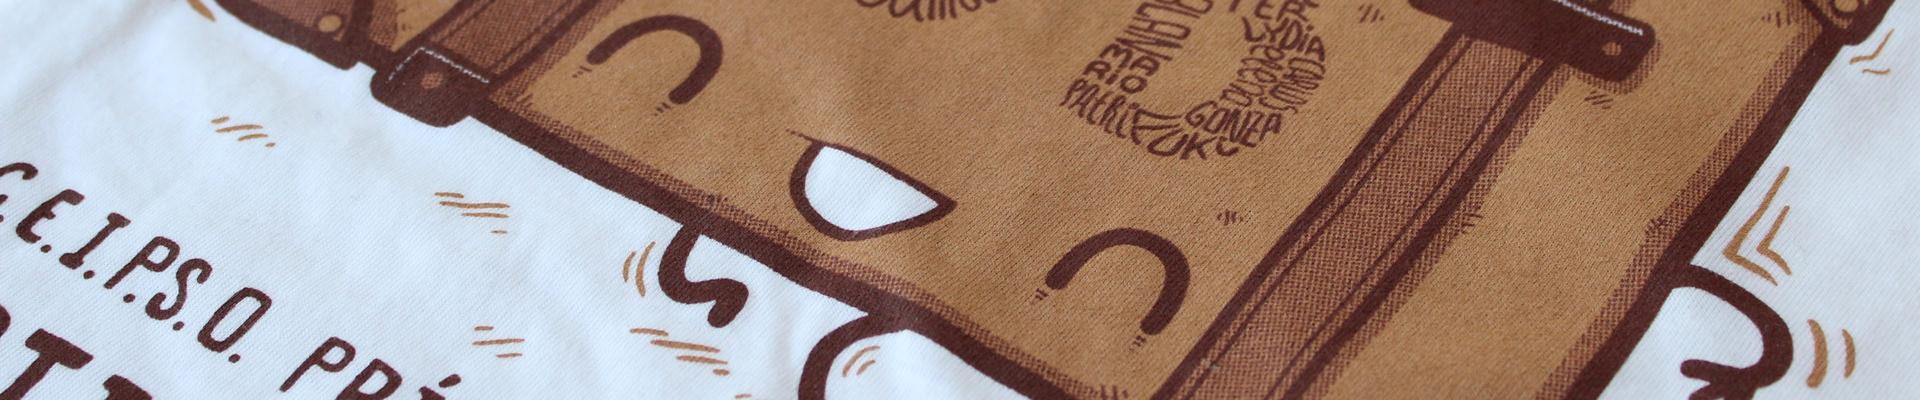 Ejemplos de trabajo de www.camisetas-baratas.com